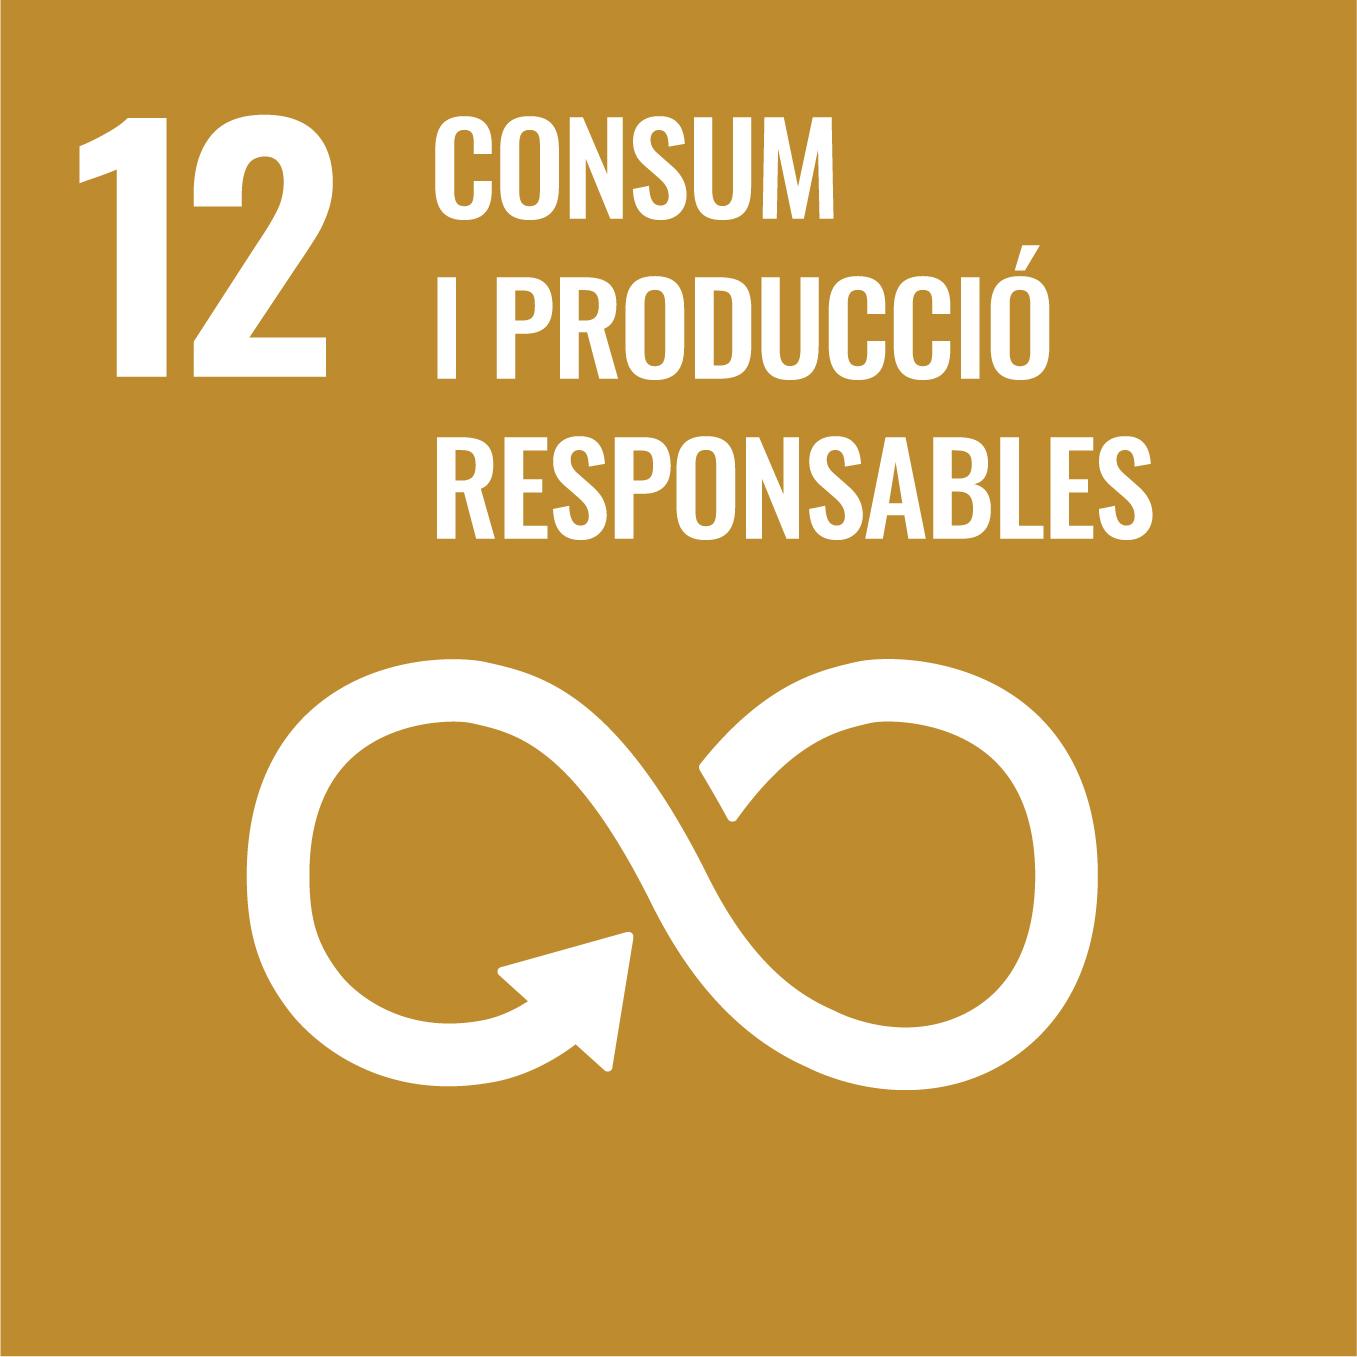 Producció i Consum Responsables - Objectiu 12